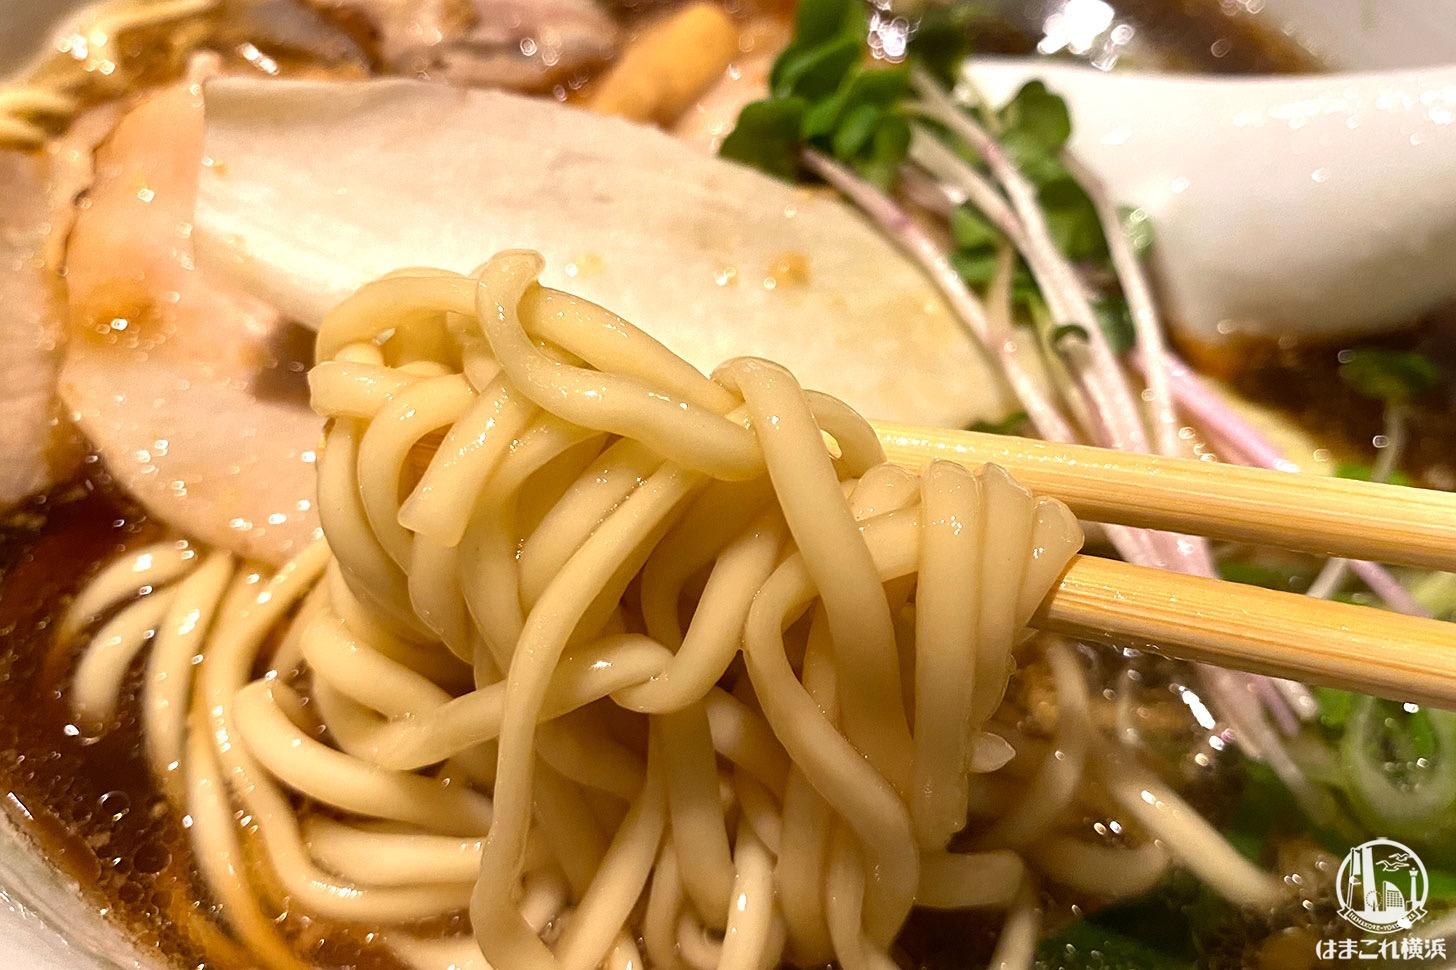 横浜・弘明寺「ロ麺ズ」醤油ラーメン 楕円の麺